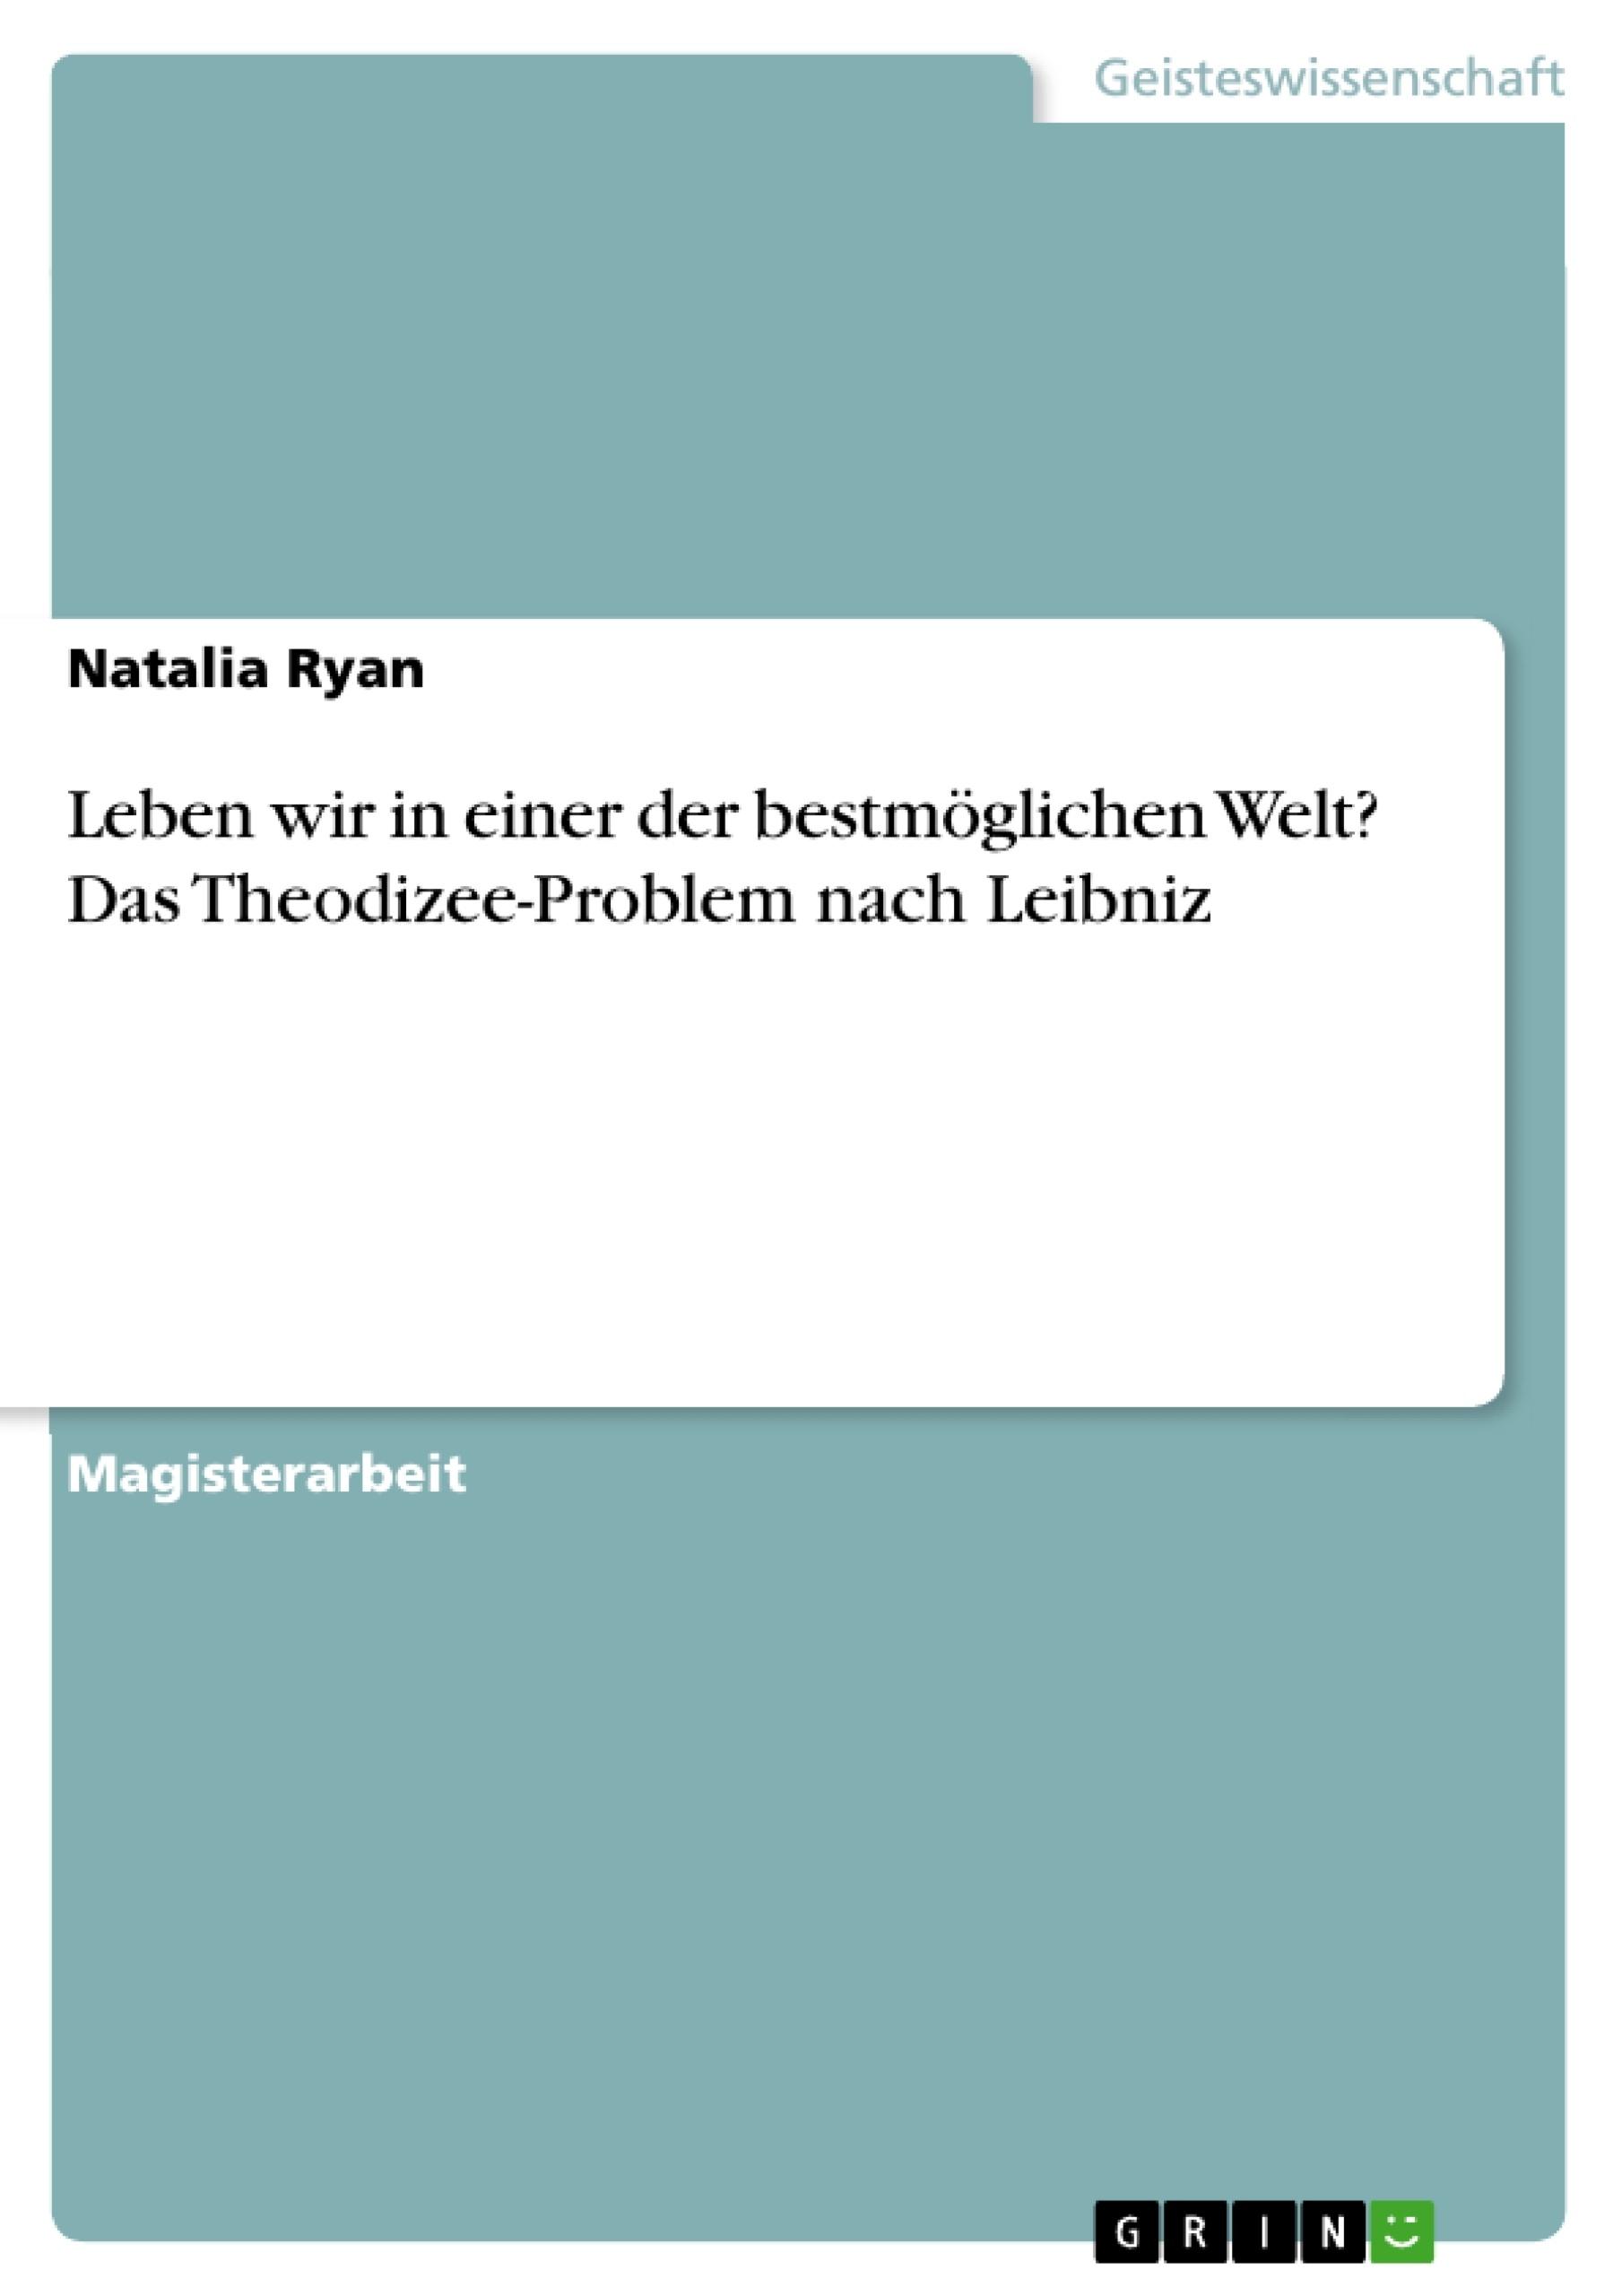 Titel: Leben wir in einer der bestmöglichen Welt? Das Theodizee-Problem nach Leibniz